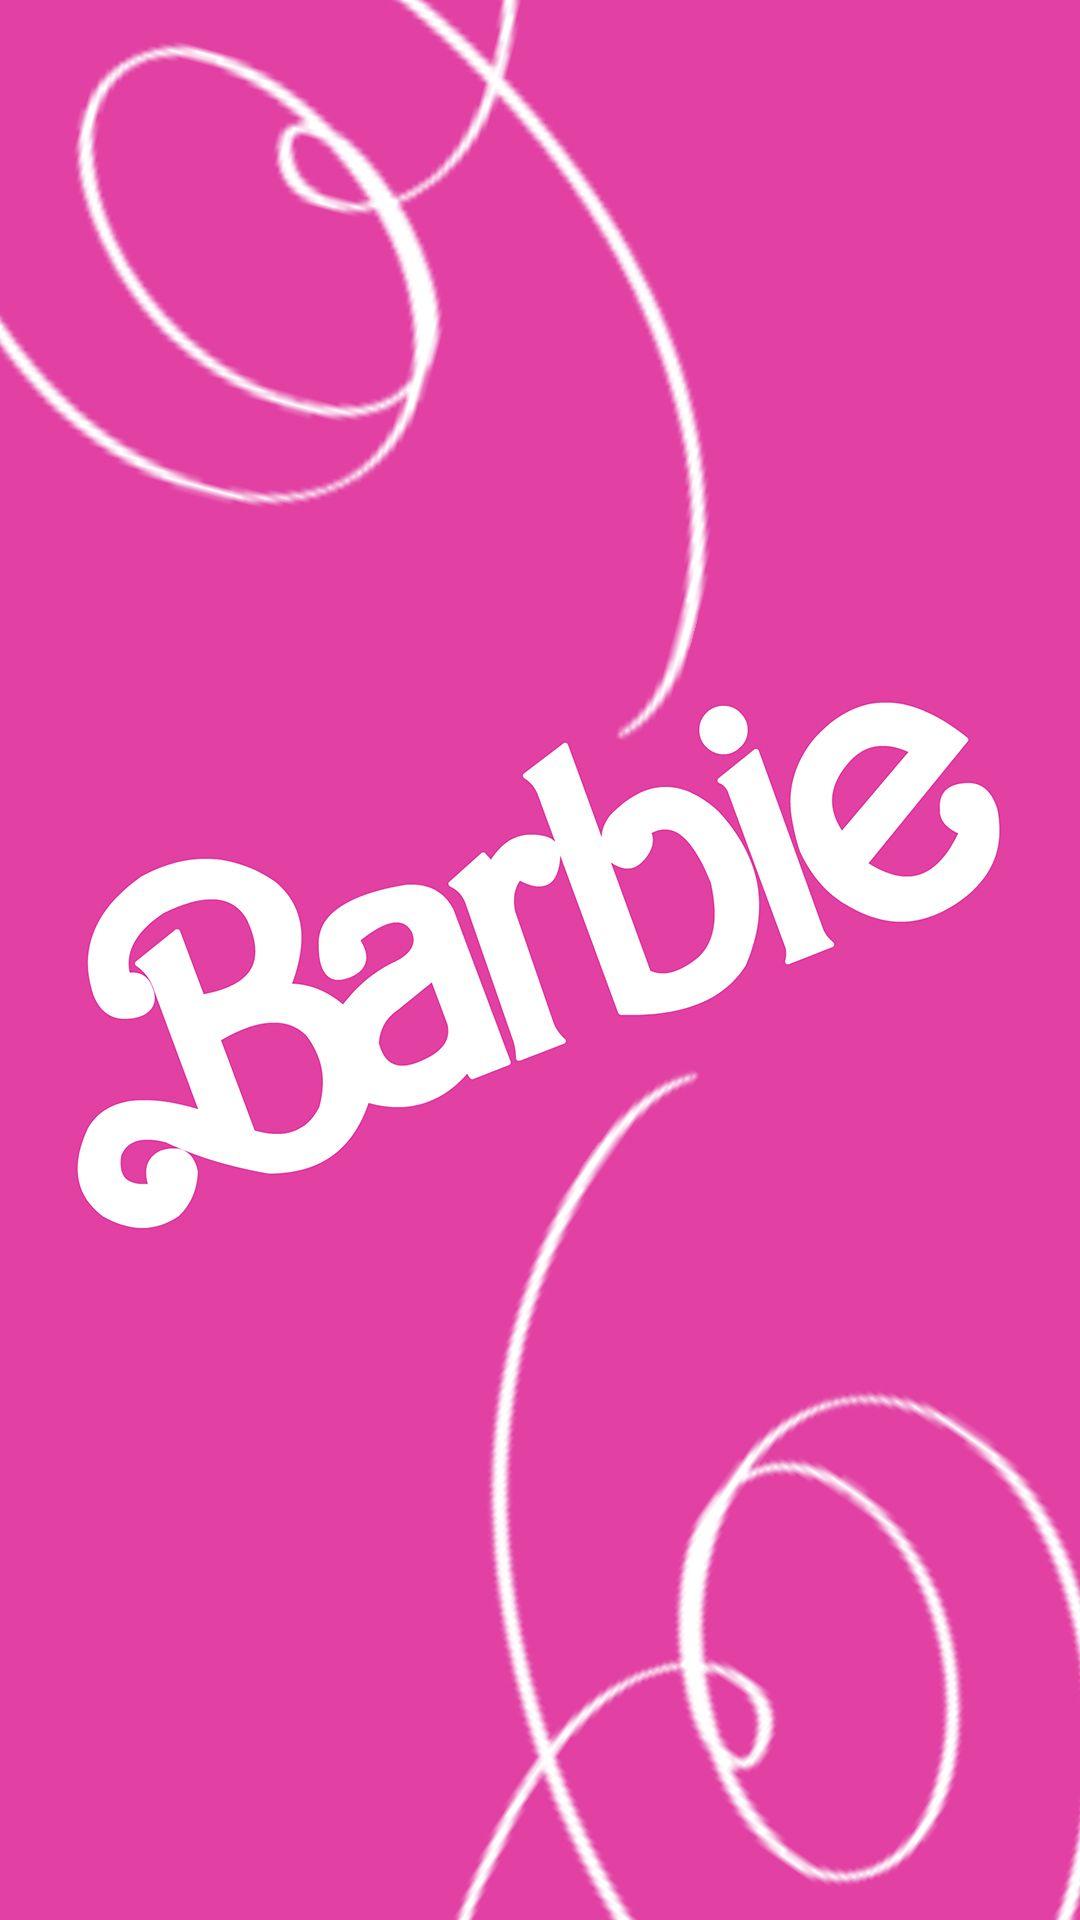 Barbie Phone Wallpaper Planos de fundo, Papeis de parede